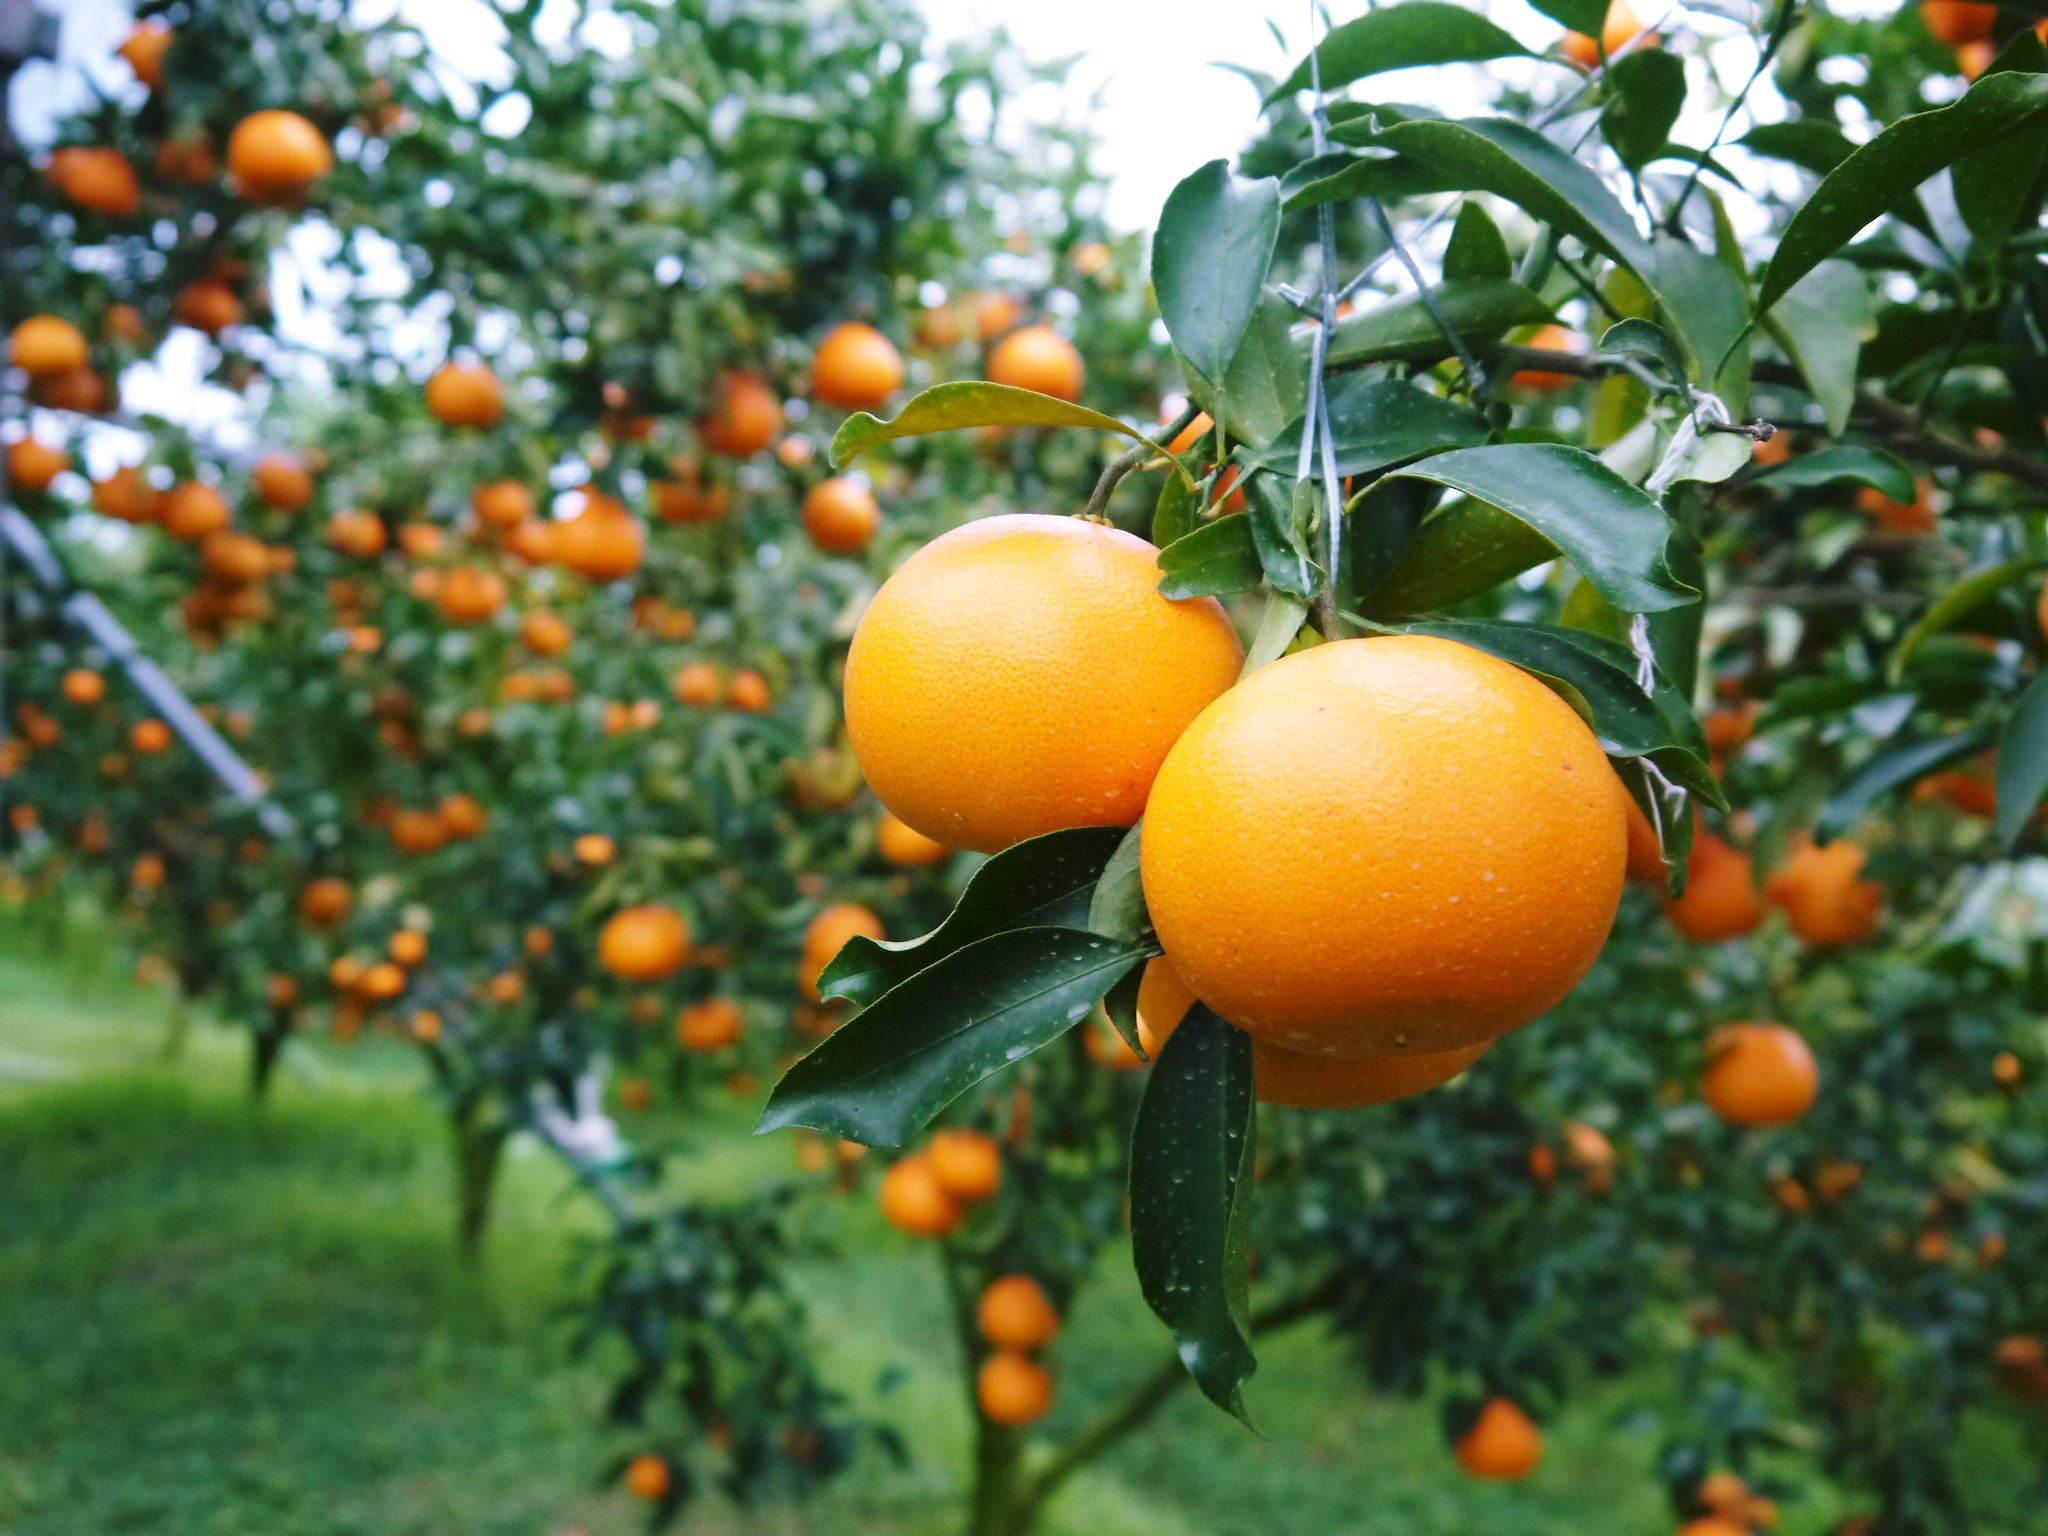 究極の柑橘『せとか』 令和2年度の収穫に向け今年も順調に成長中!着果後の様子を現地取材_a0254656_17341588.jpg